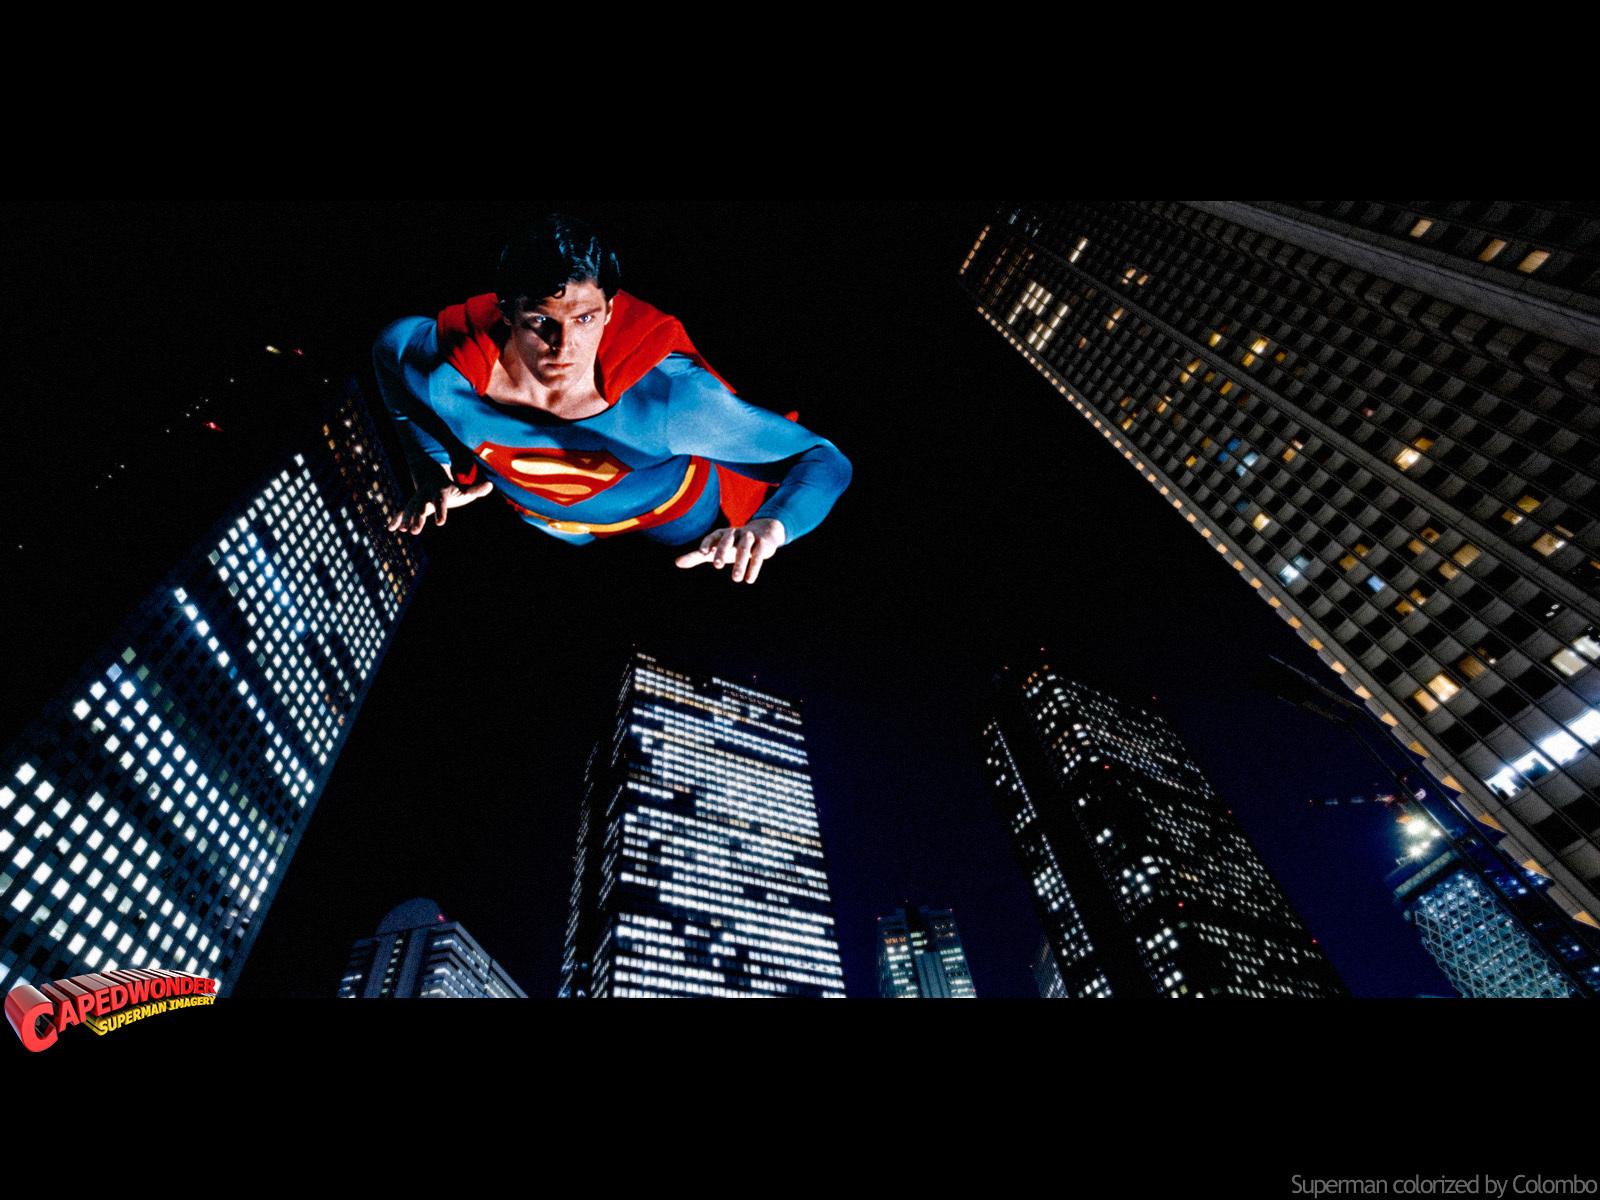 Superman The Movie Superman II 1600x1200